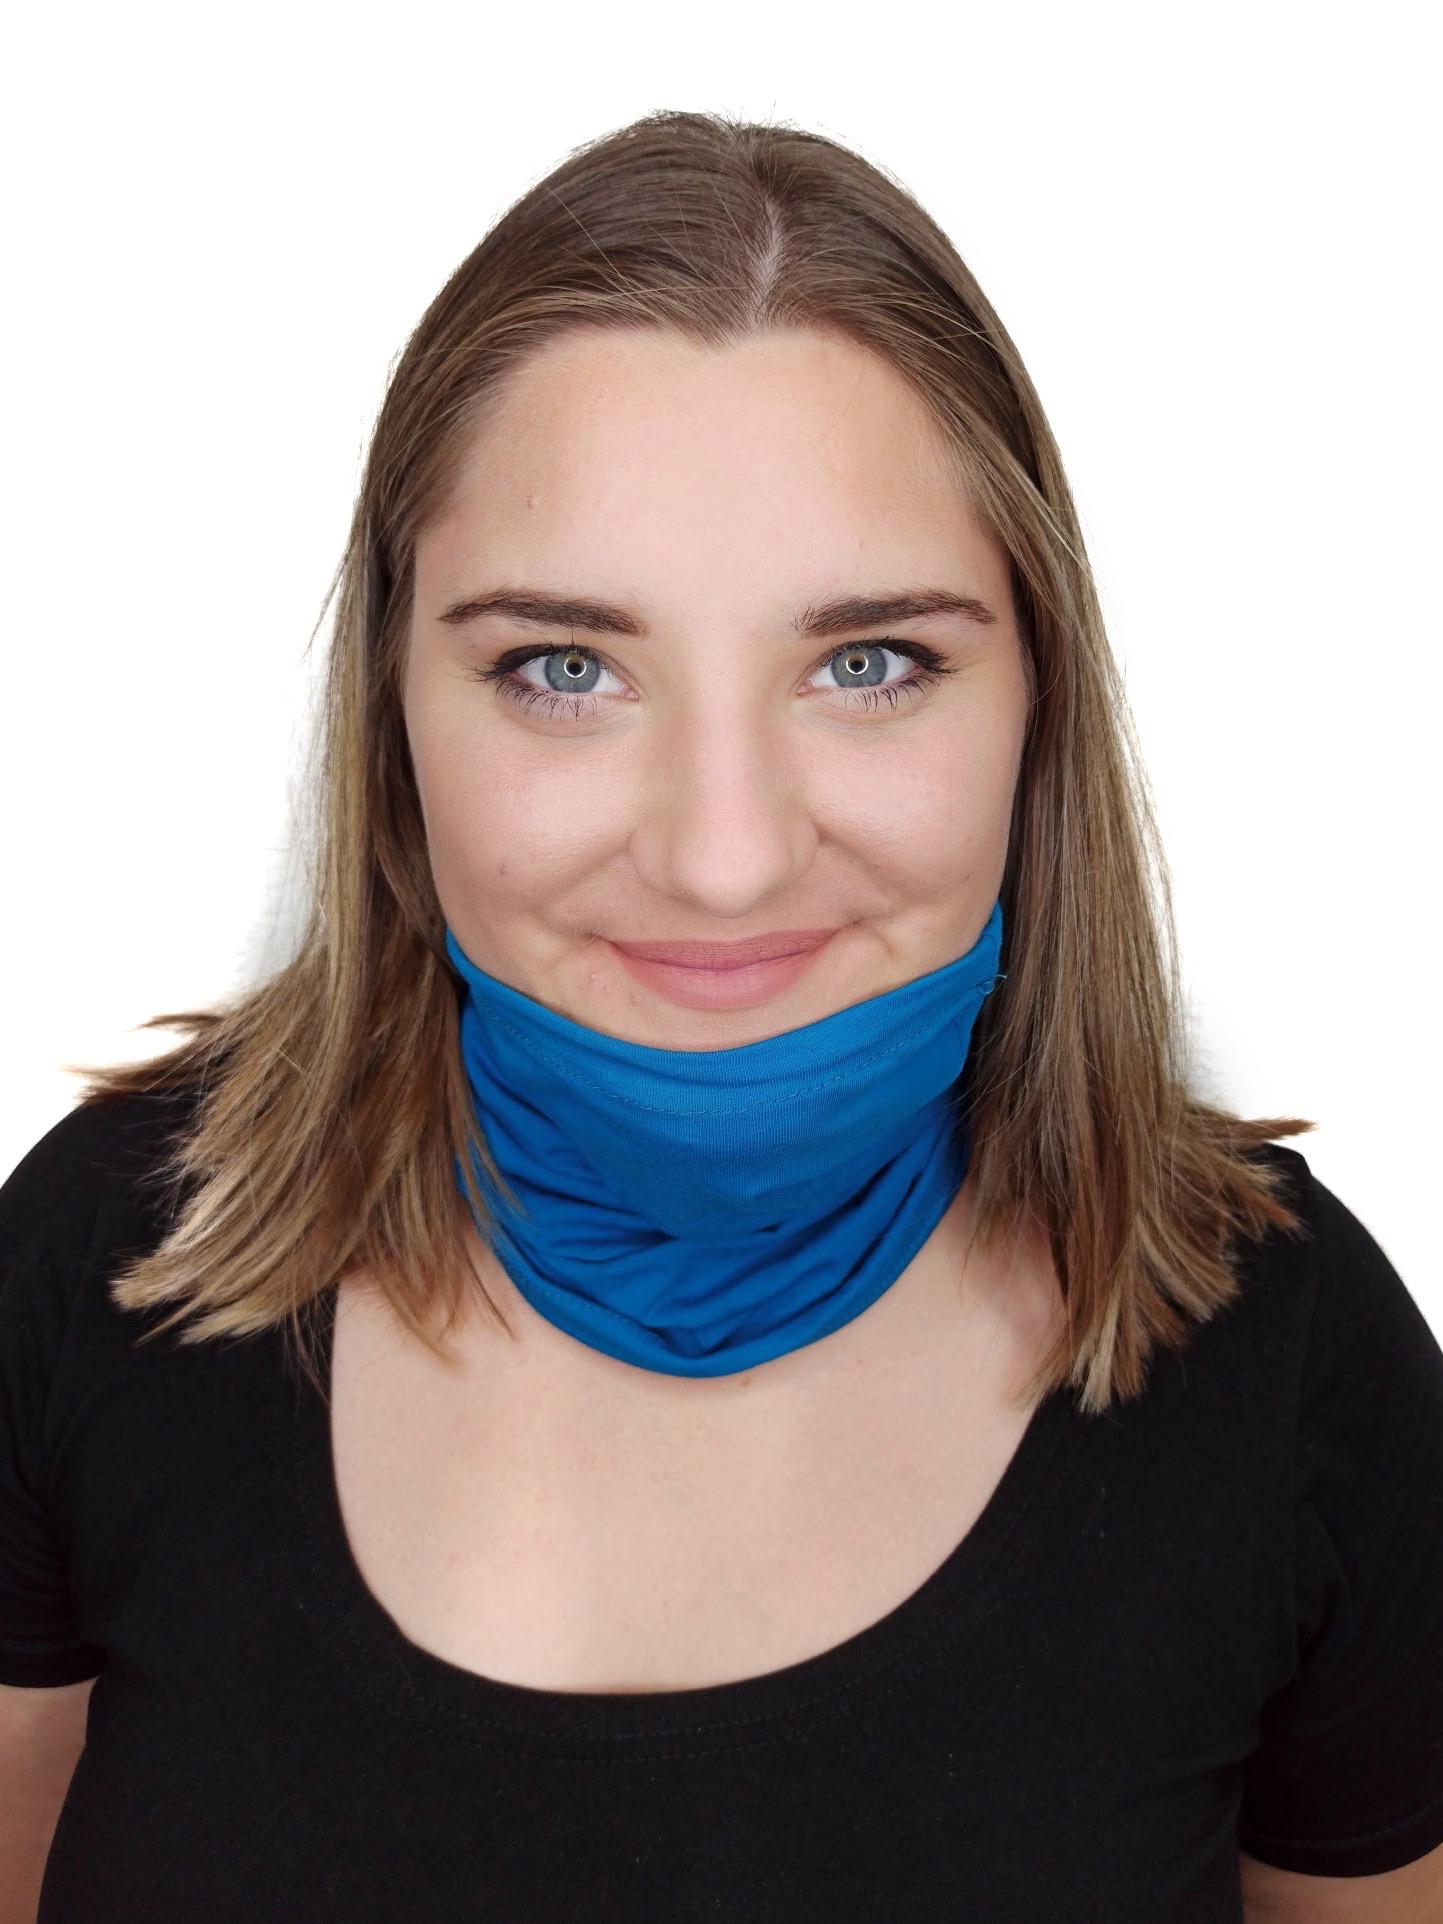 Multifunkční šátek, tunel, nákrčník, tmavý tyrkys, pro dospělé